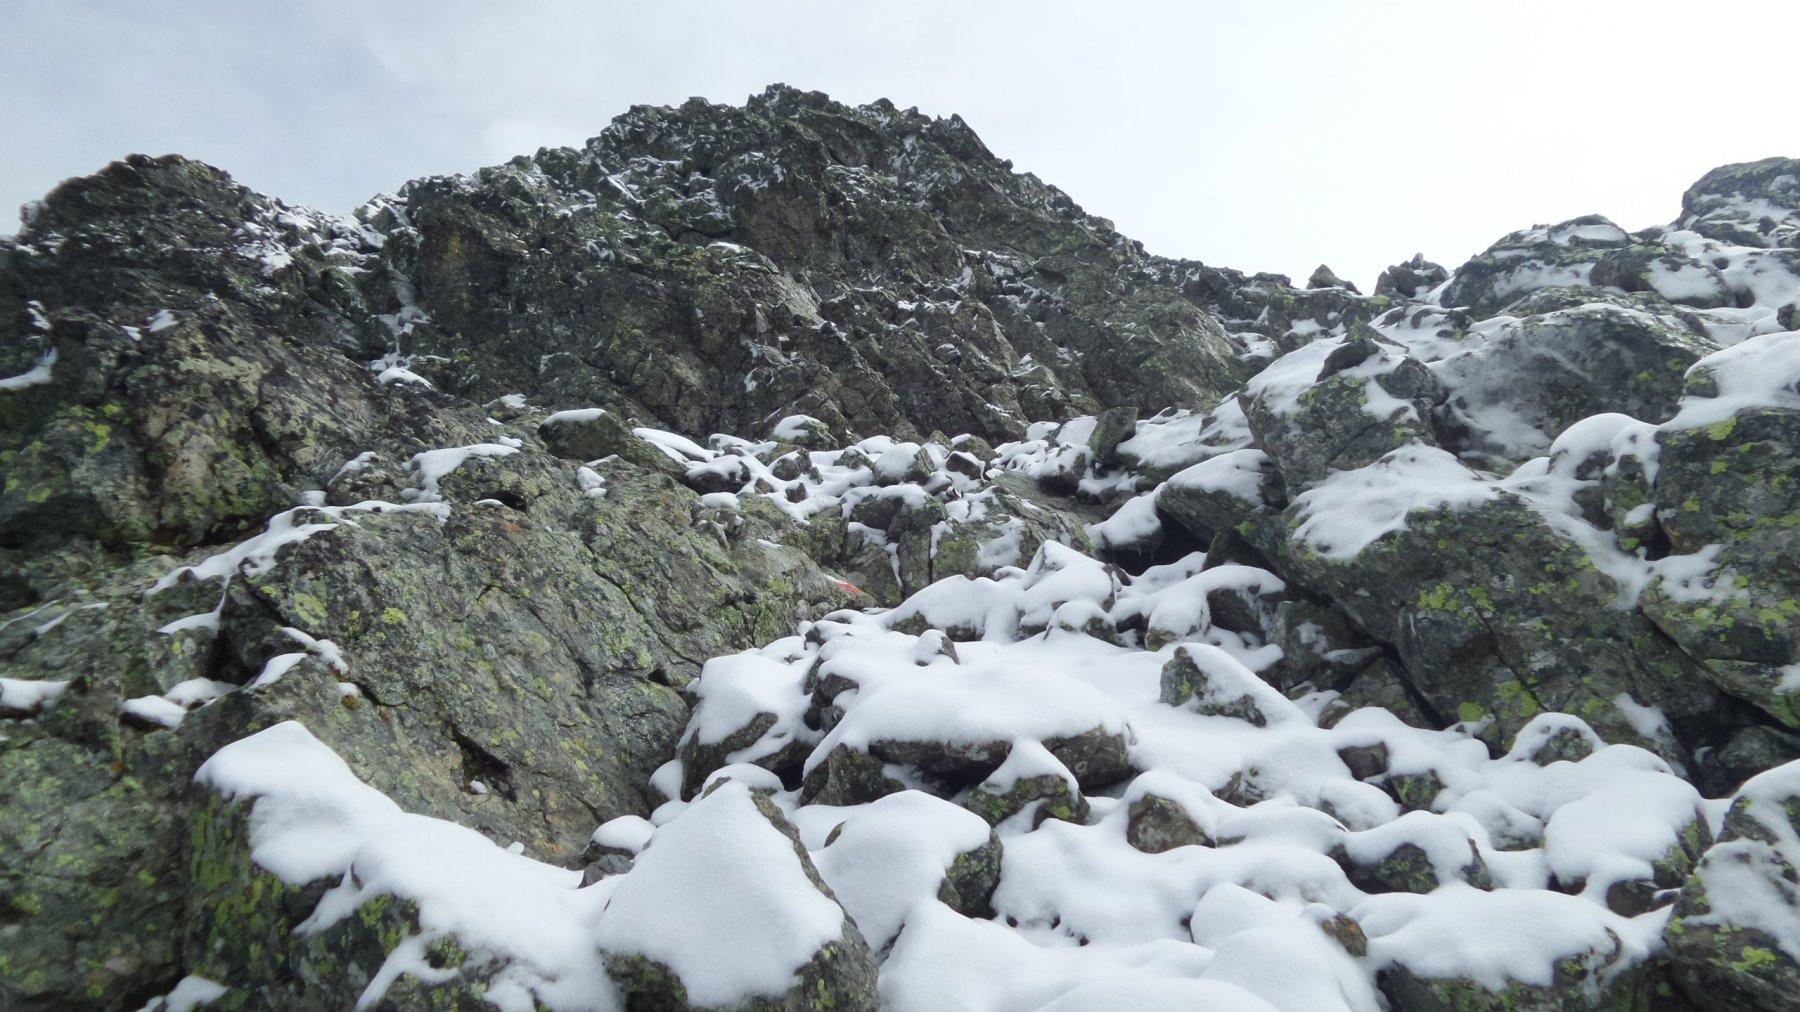 ultimo tratto di roccette prima di raggiungere la cima